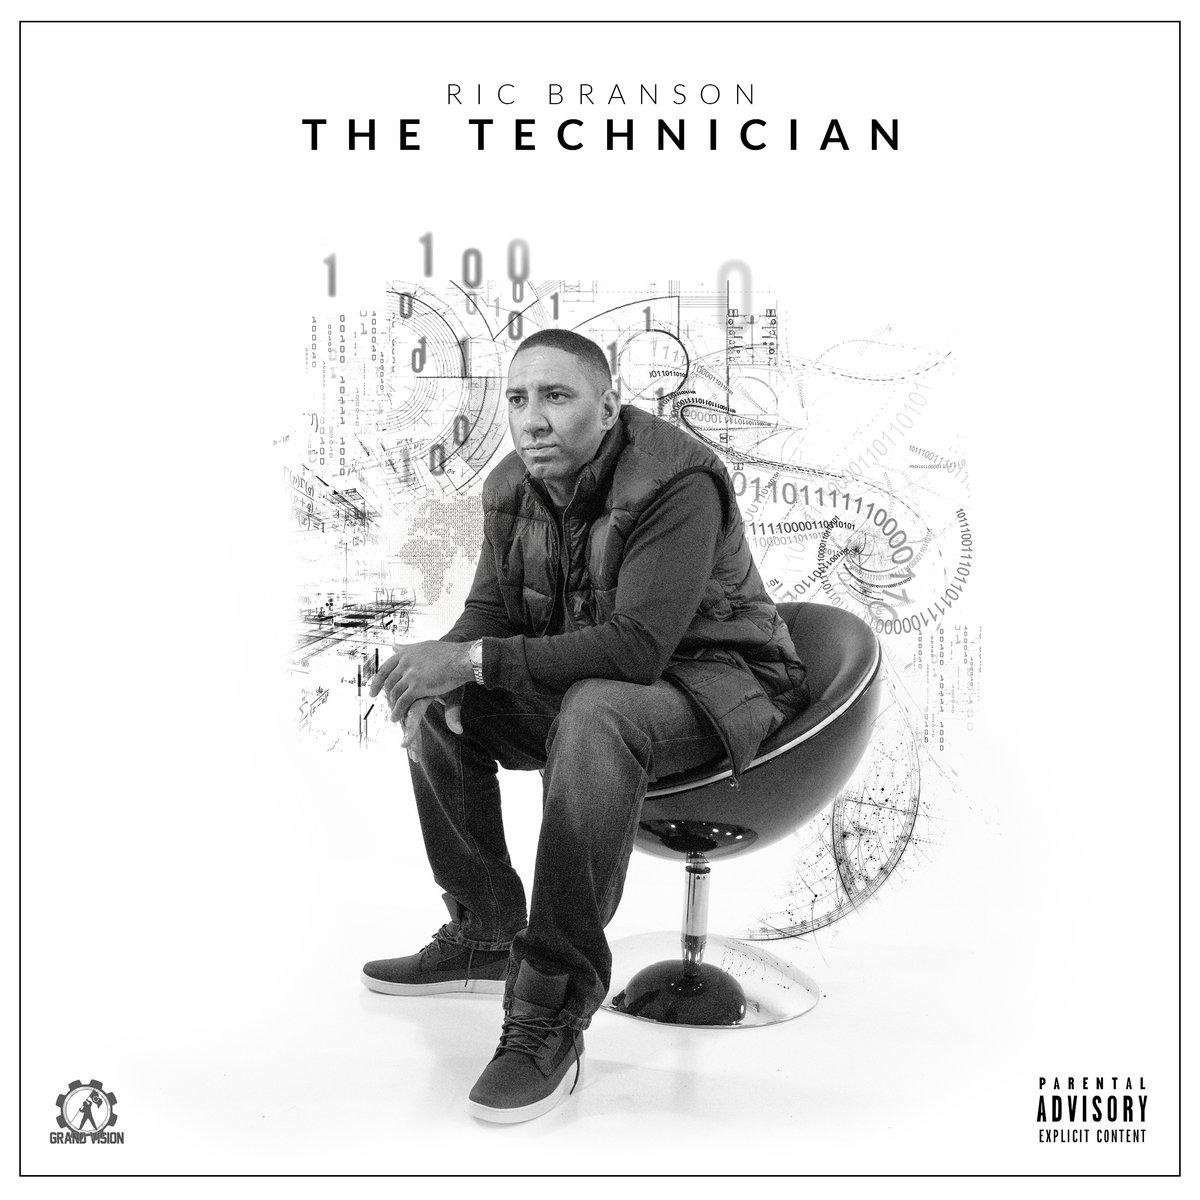 Ric_branson_-_the_technician